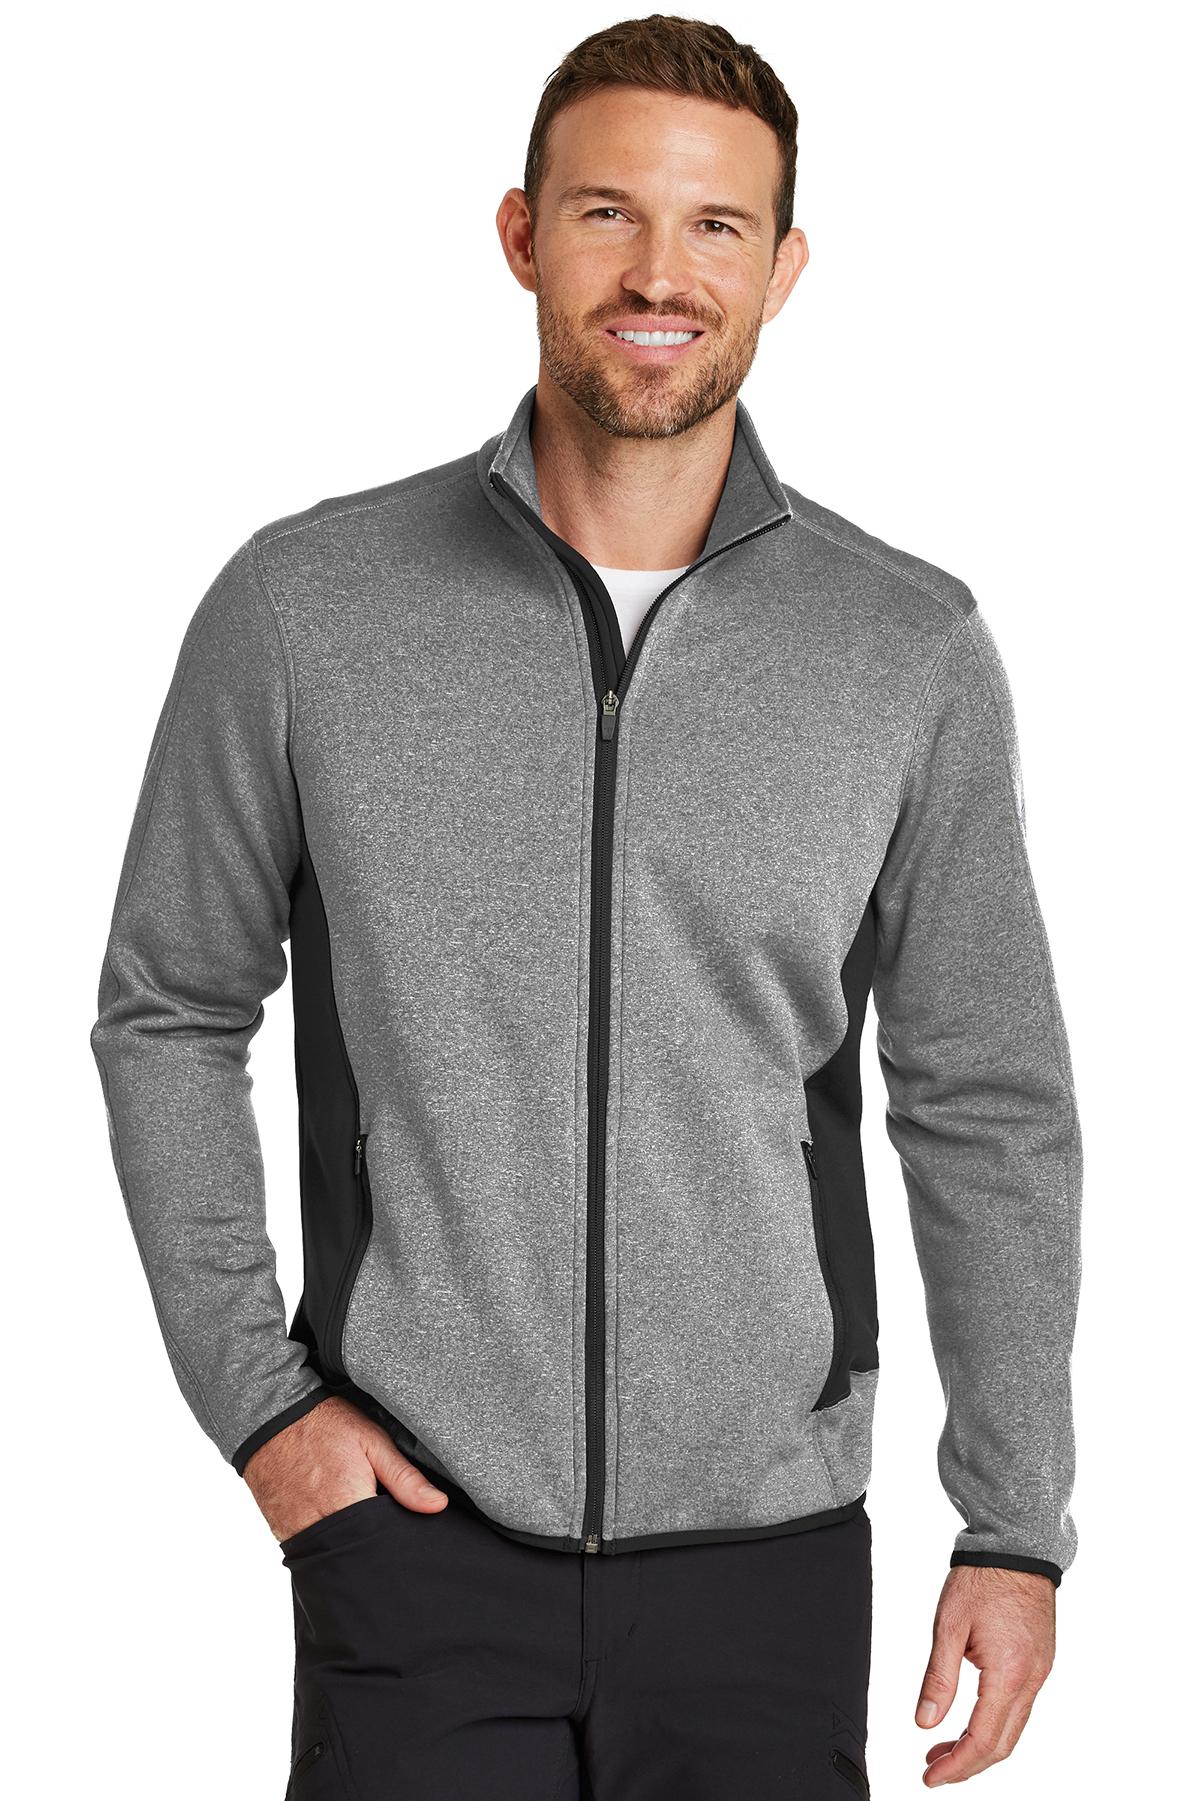 6084c3abf9da Eddie Bauer® Full-Zip Heather Stretch Fleece Jacket | Polyester ...